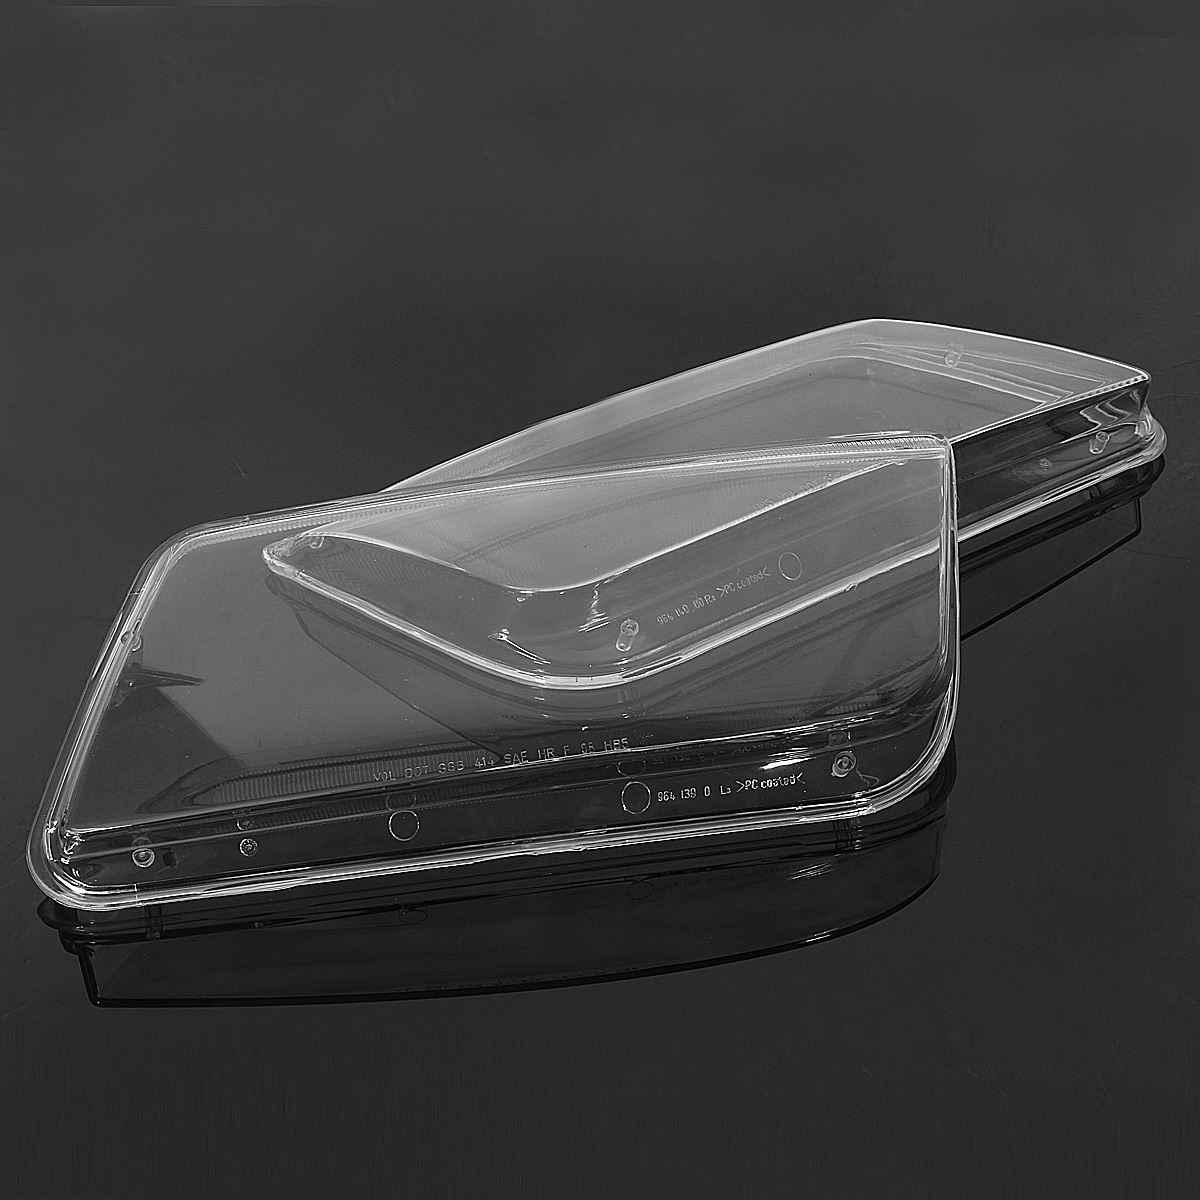 2 adet sol ve sağ araba far camı kapağı yedek kafa lamba kapakları VW Jetta Bora için MK4 1999 2000 2001 2002 2003 2004 2005